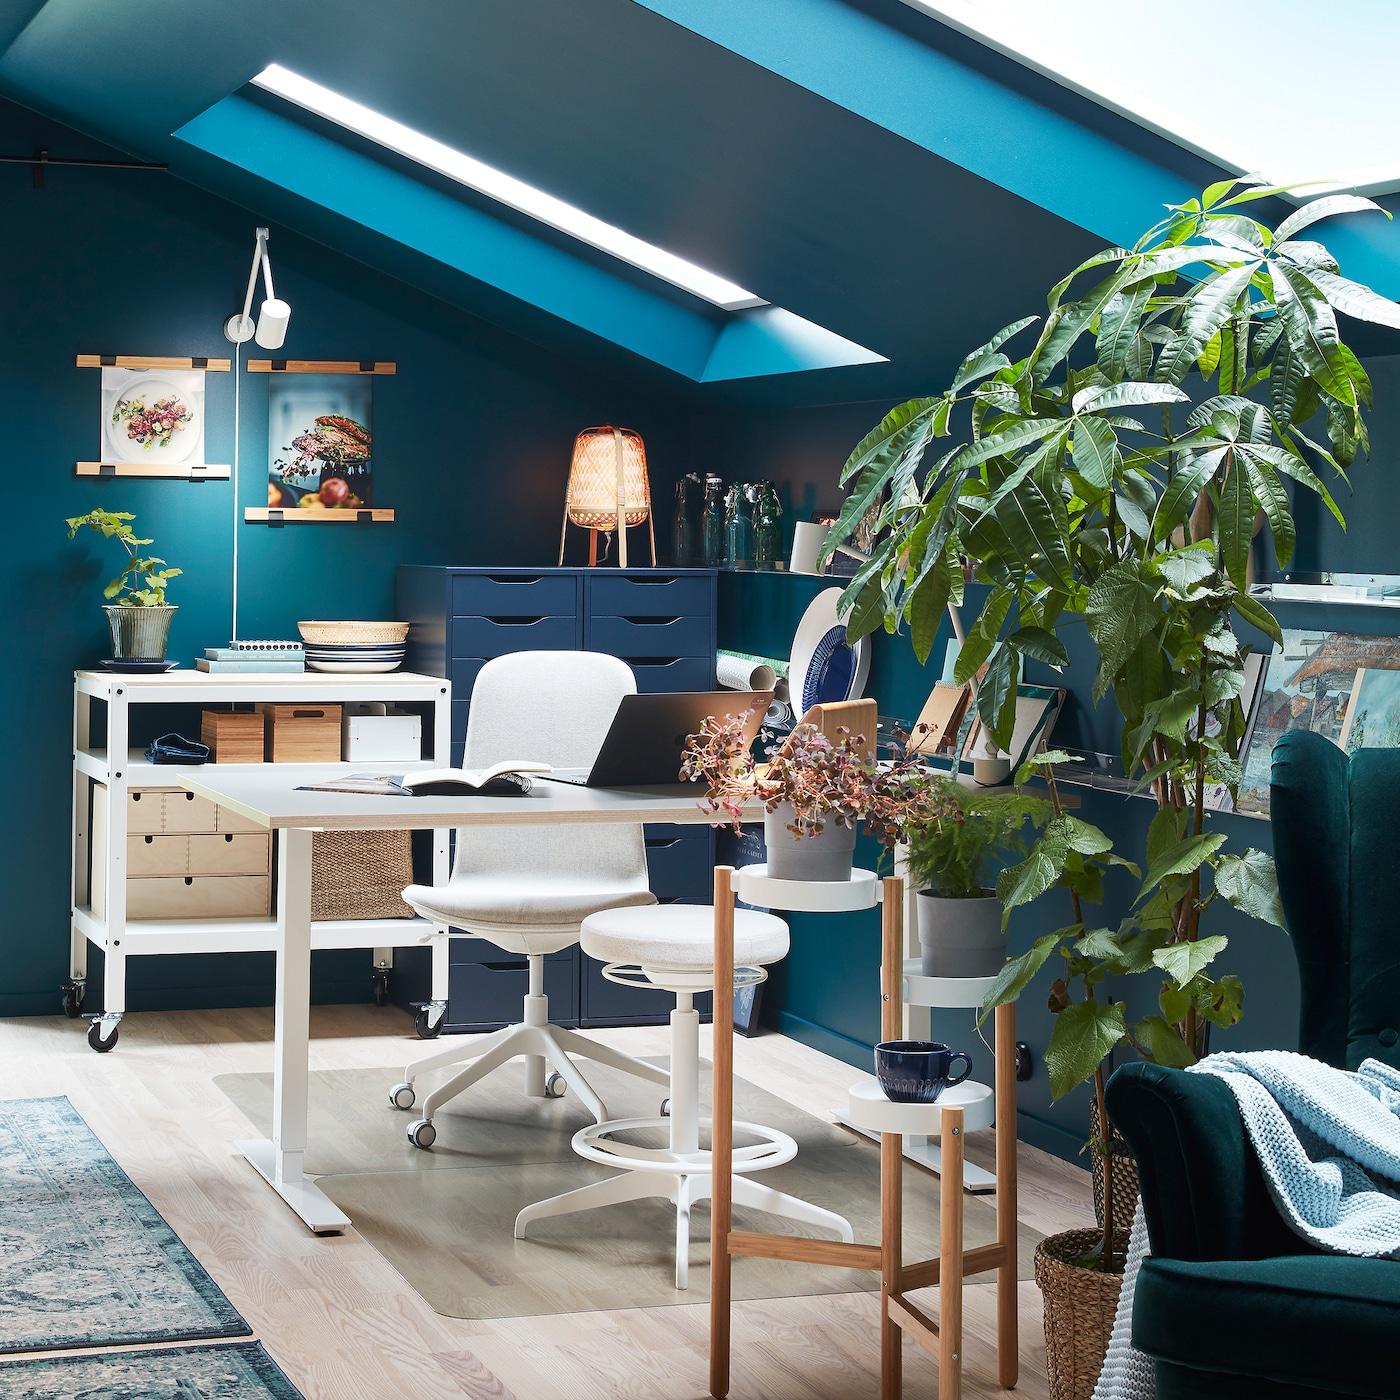 غرفة تضم مكتبًا وكرسي دوار وكرسي أبيض يدعم الجلوس/الوقوف ونباتات خضراء على حامل نباتات وكرسي بظهر مرتفع وجوانب بارزة أخضر اللون.